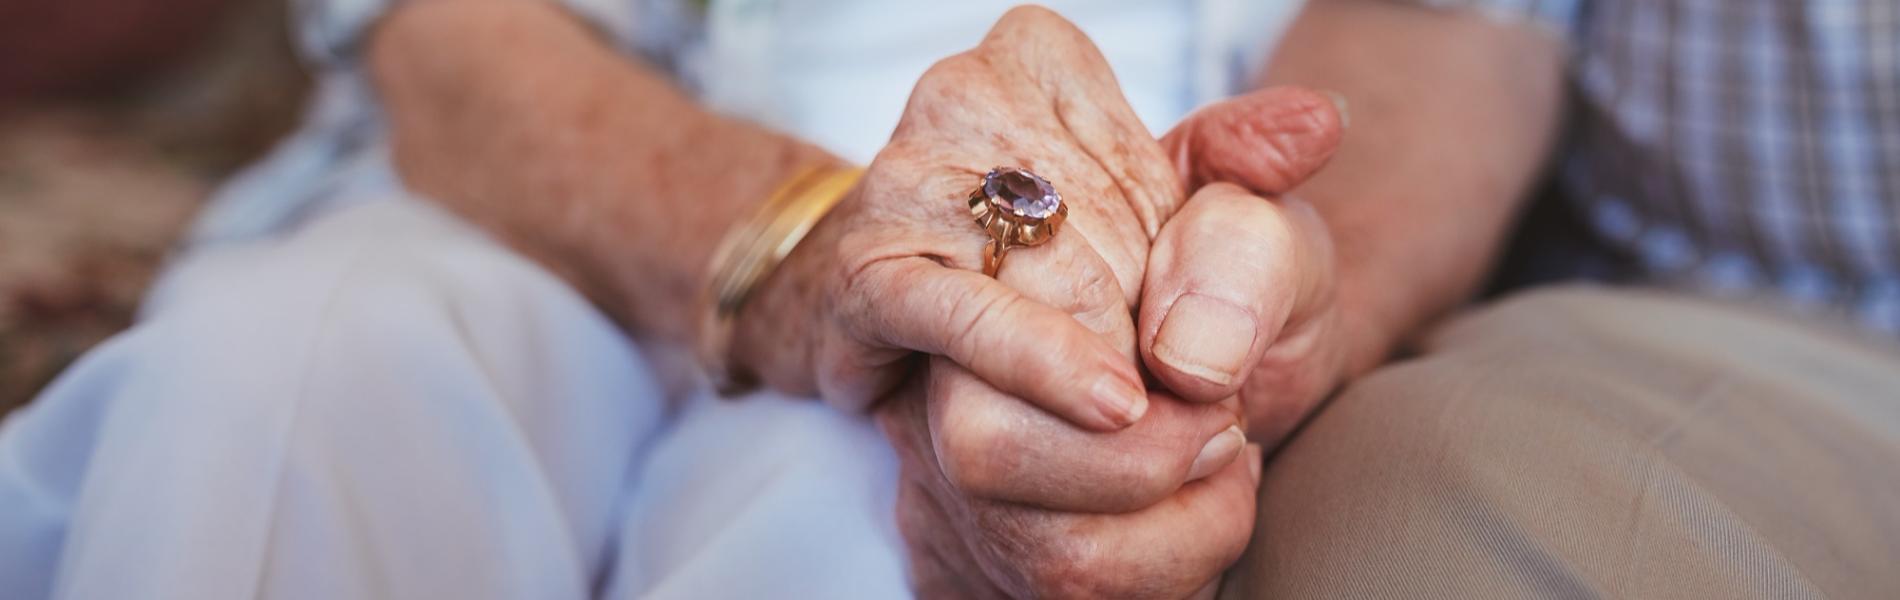 התמודדות זוגית: כשאחד מבני הזוג חולה במחלה